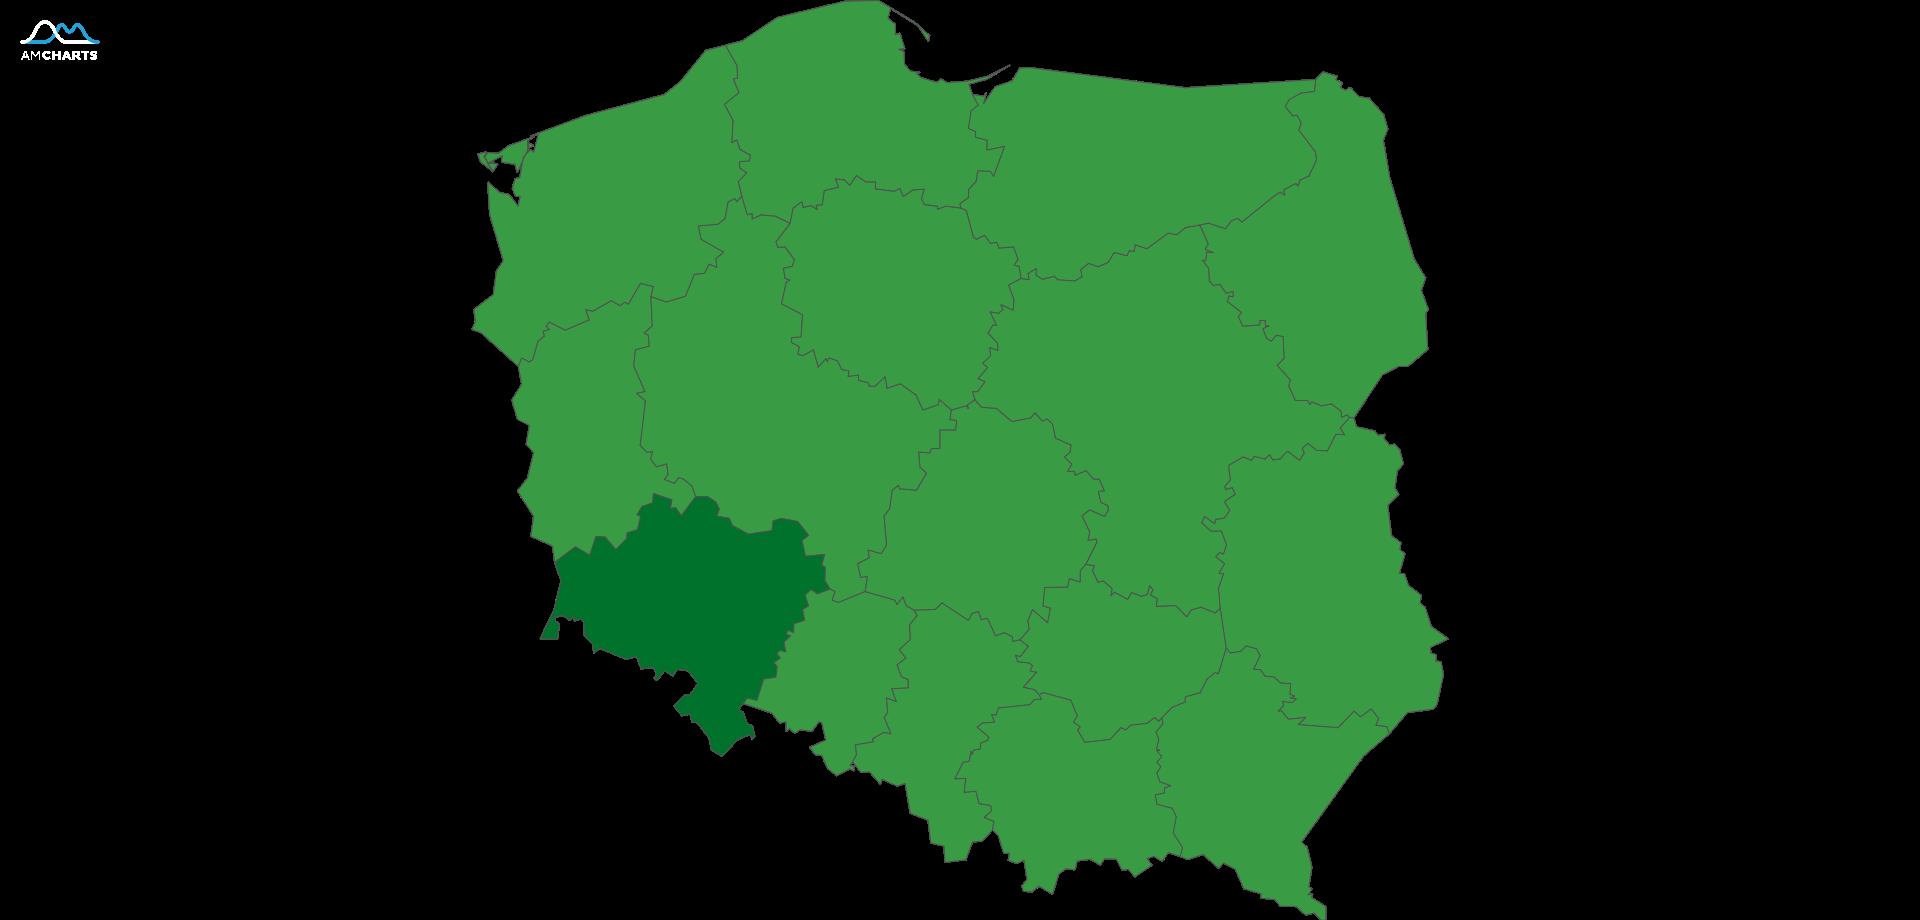 mapa wojewodztwo dolnoslaskie